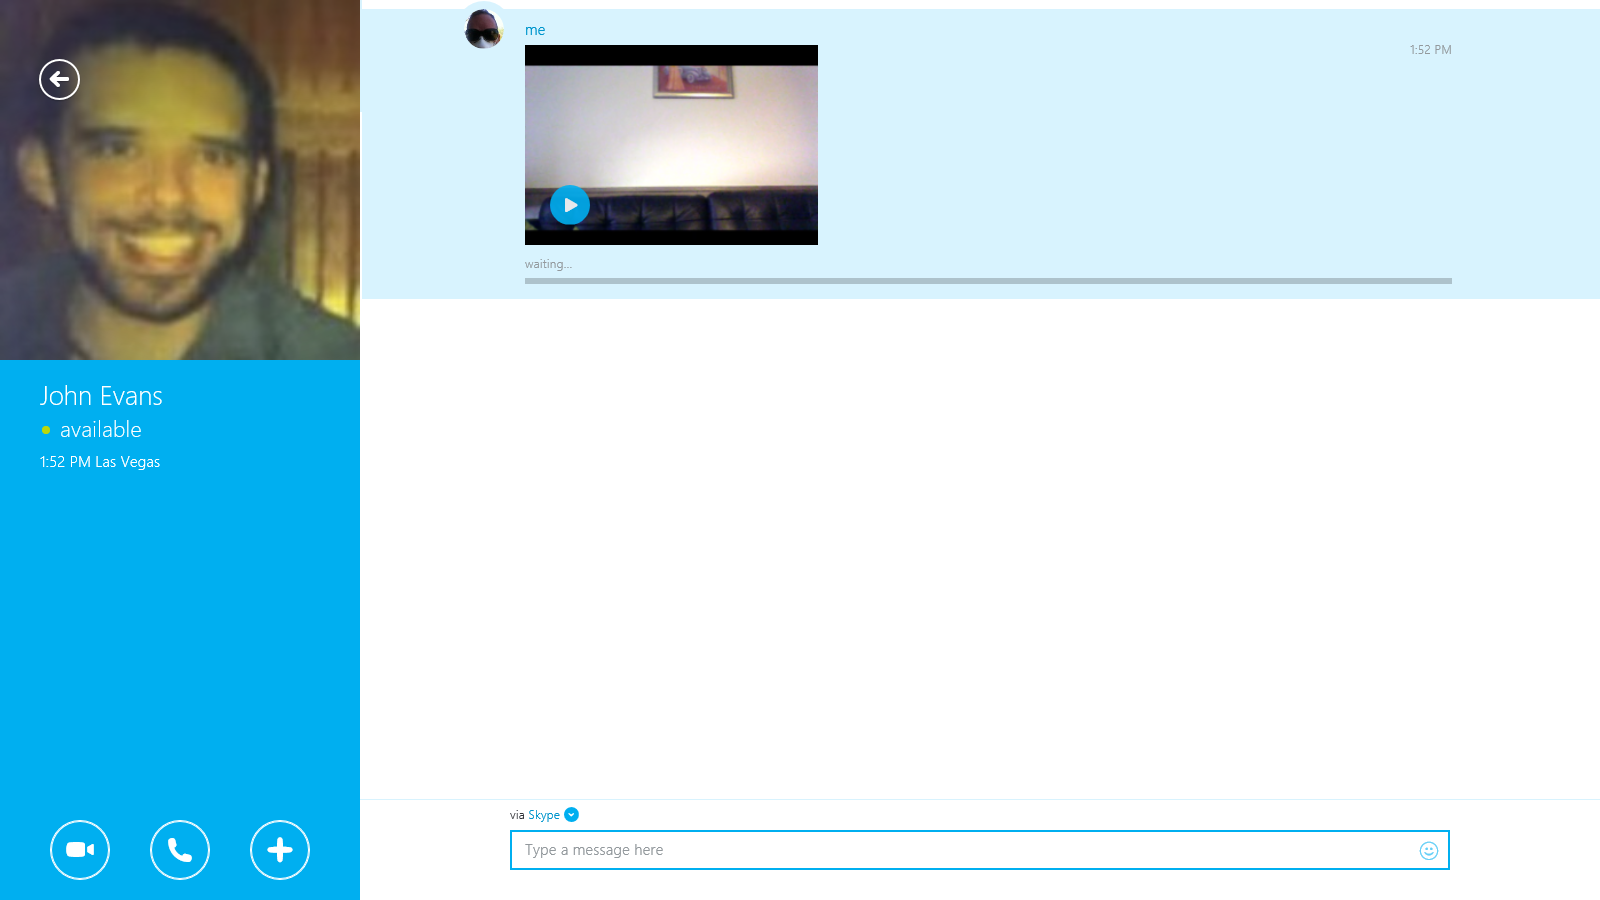 Mensaje de vídeo mostrado en la ventana de chat